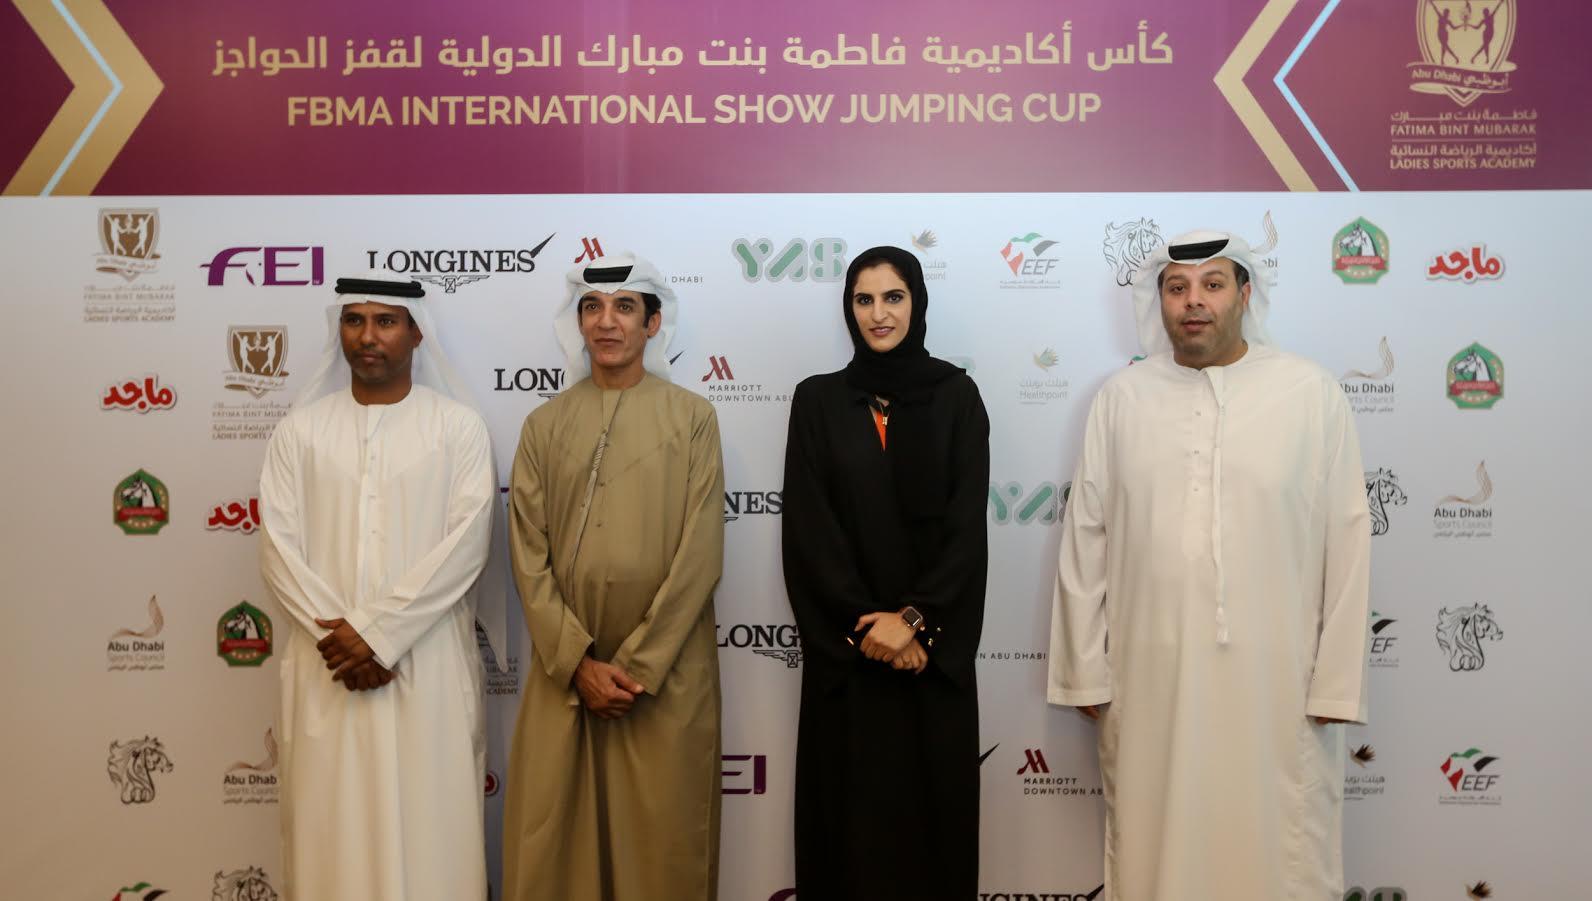 صورة أبوظبي تستضيف كأس أكاديمية فاطمة بنت مبارك الدولي لقفز الحواجز 2017